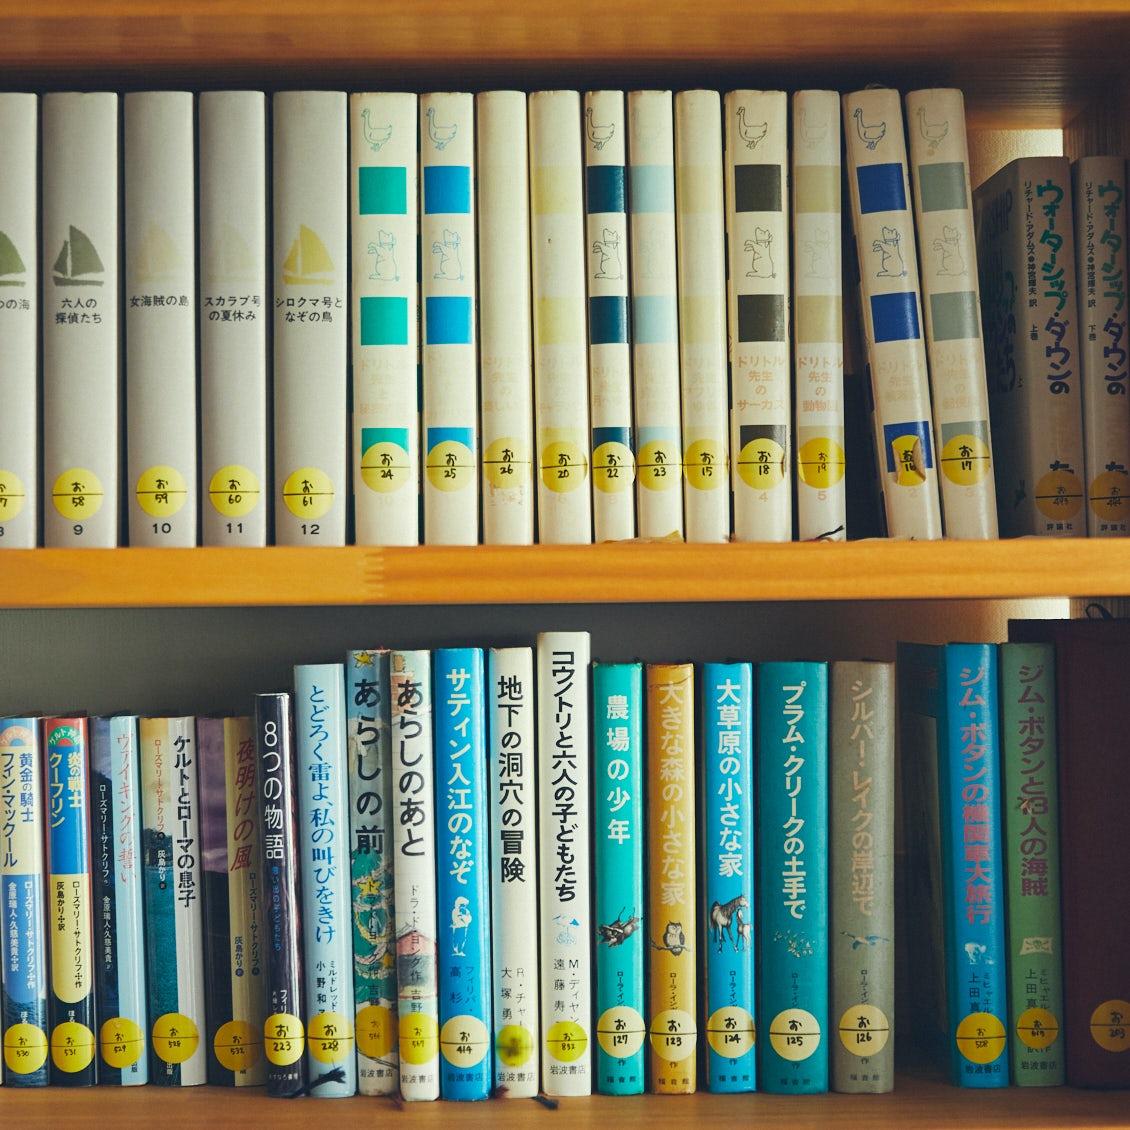 【あのひとの子育て】翻訳家・小宮由さん〈前編〉物語が子どもの中にある。それは大きな安心材料です